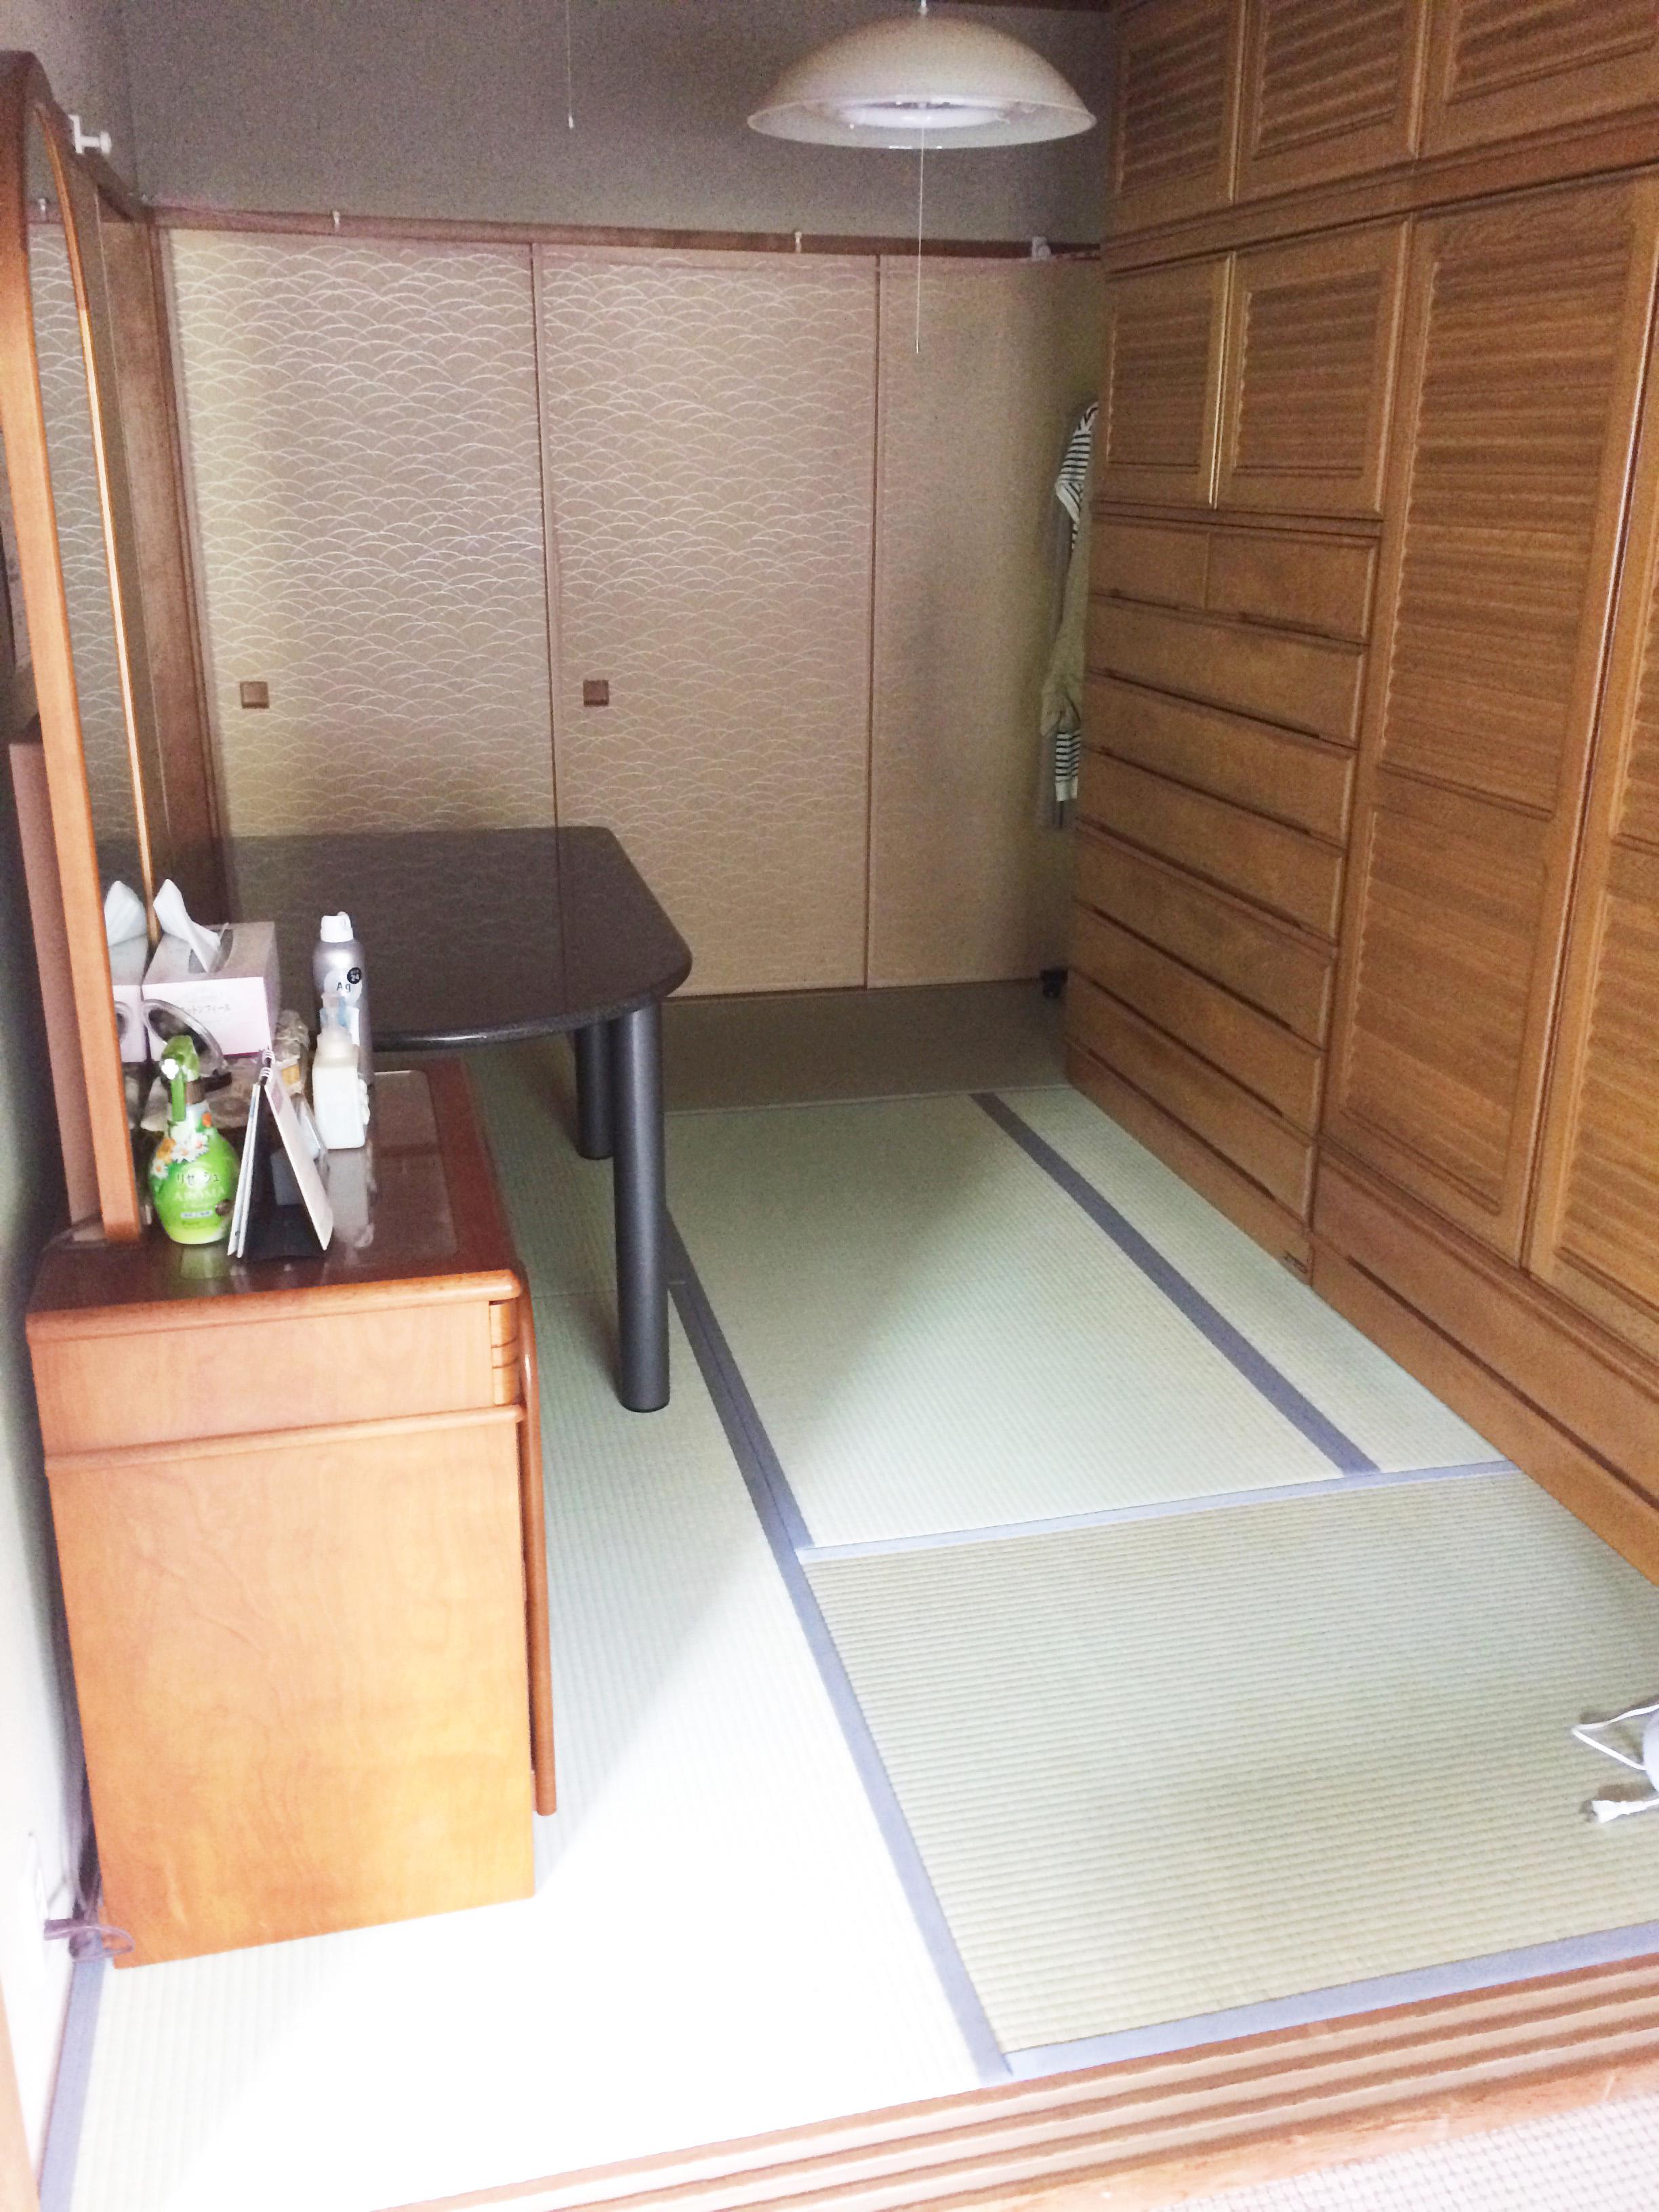 泉区S邸 内装リフォーム 7.8万円/工期1日間 施工後